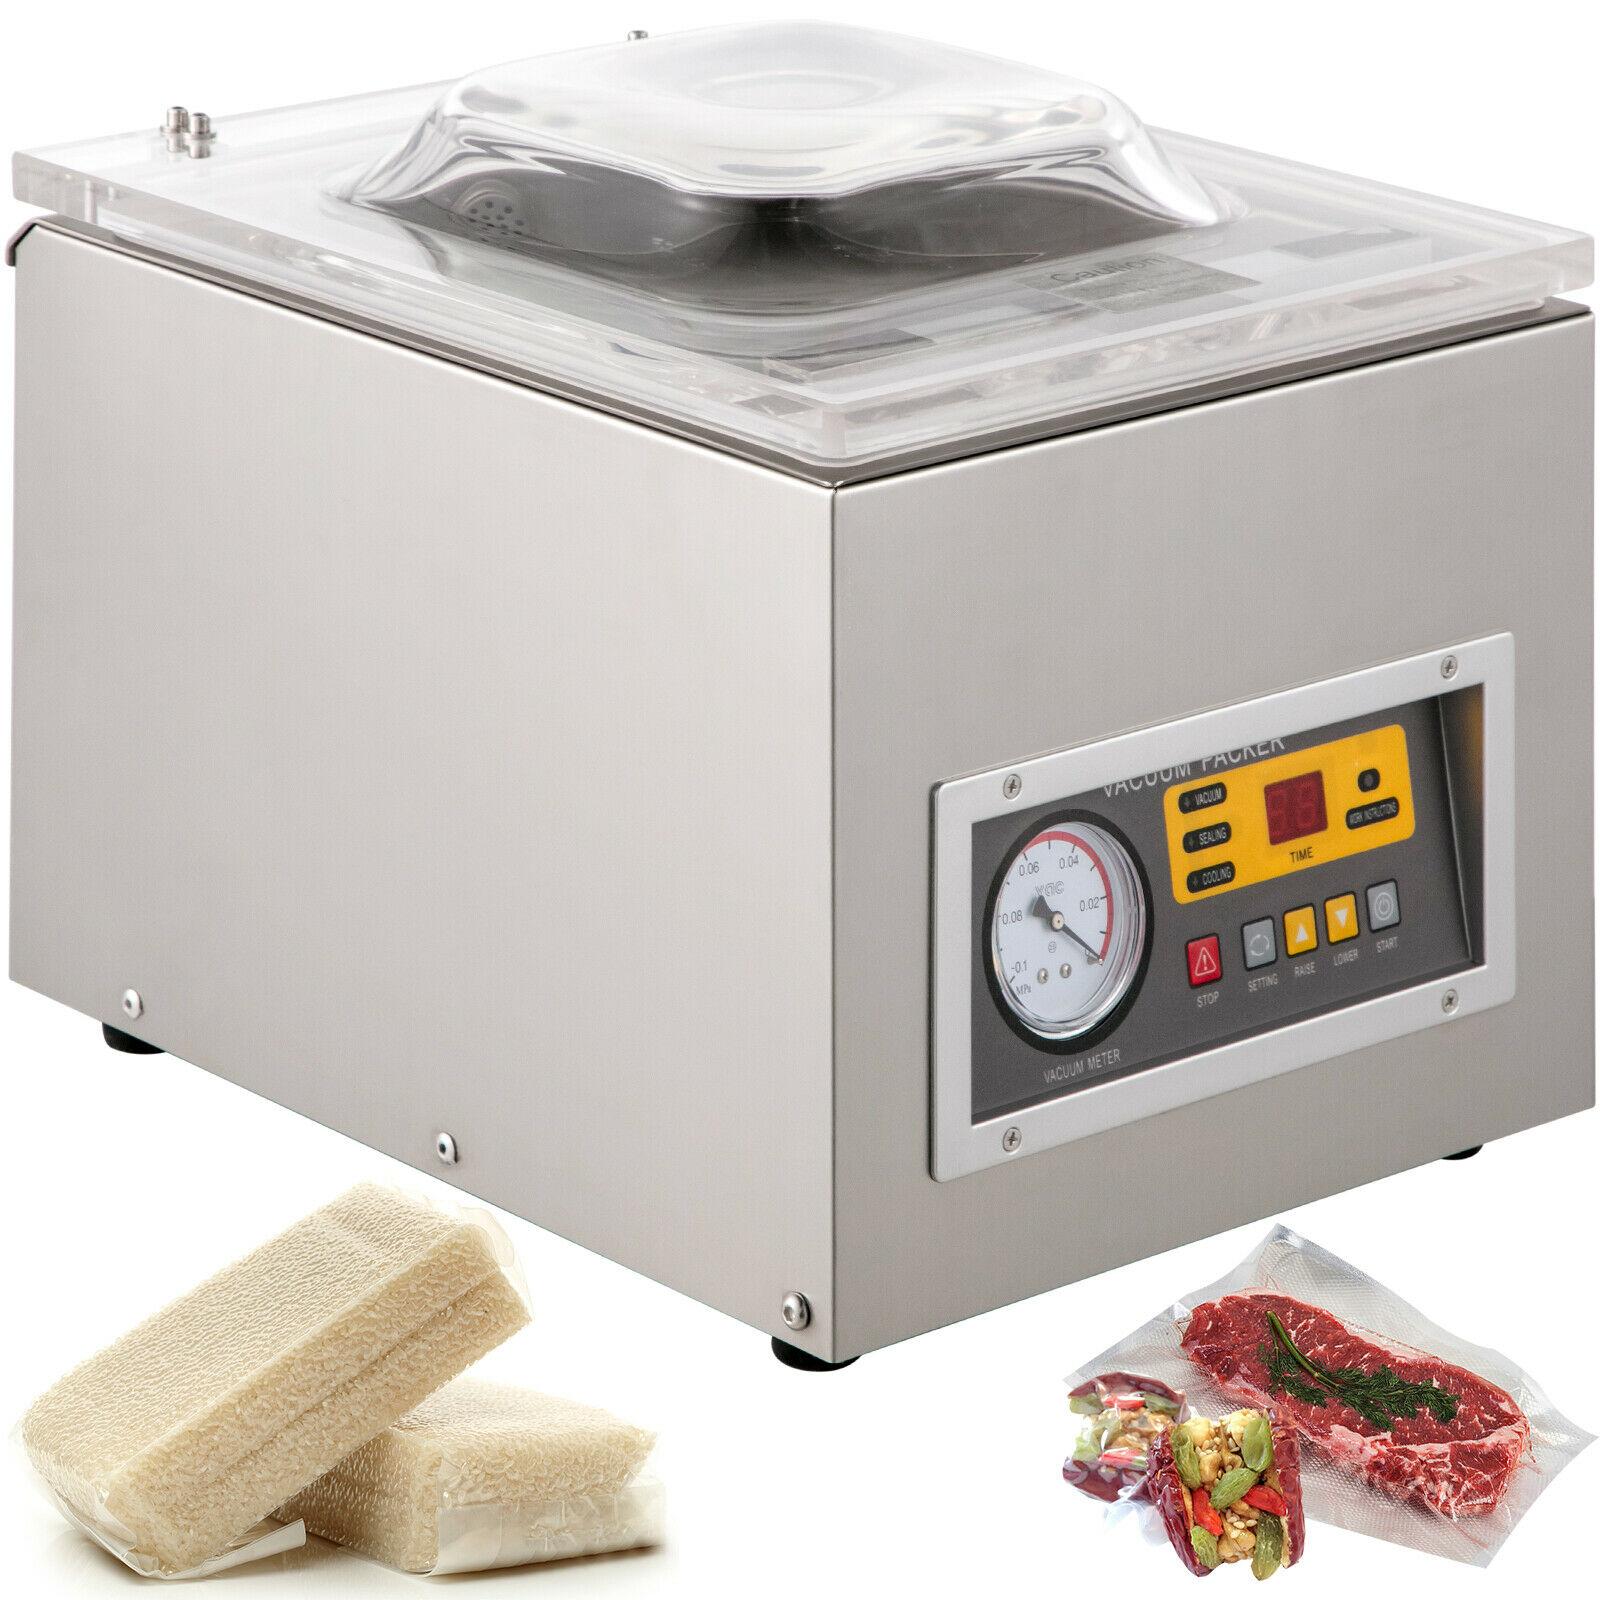 حقيبة بلاستيكية مفرغة الهواء السدادة ماكينة تعبئة وغلق للمطبخ الغذاء المهنية إنتاج الأعمال 120 واط